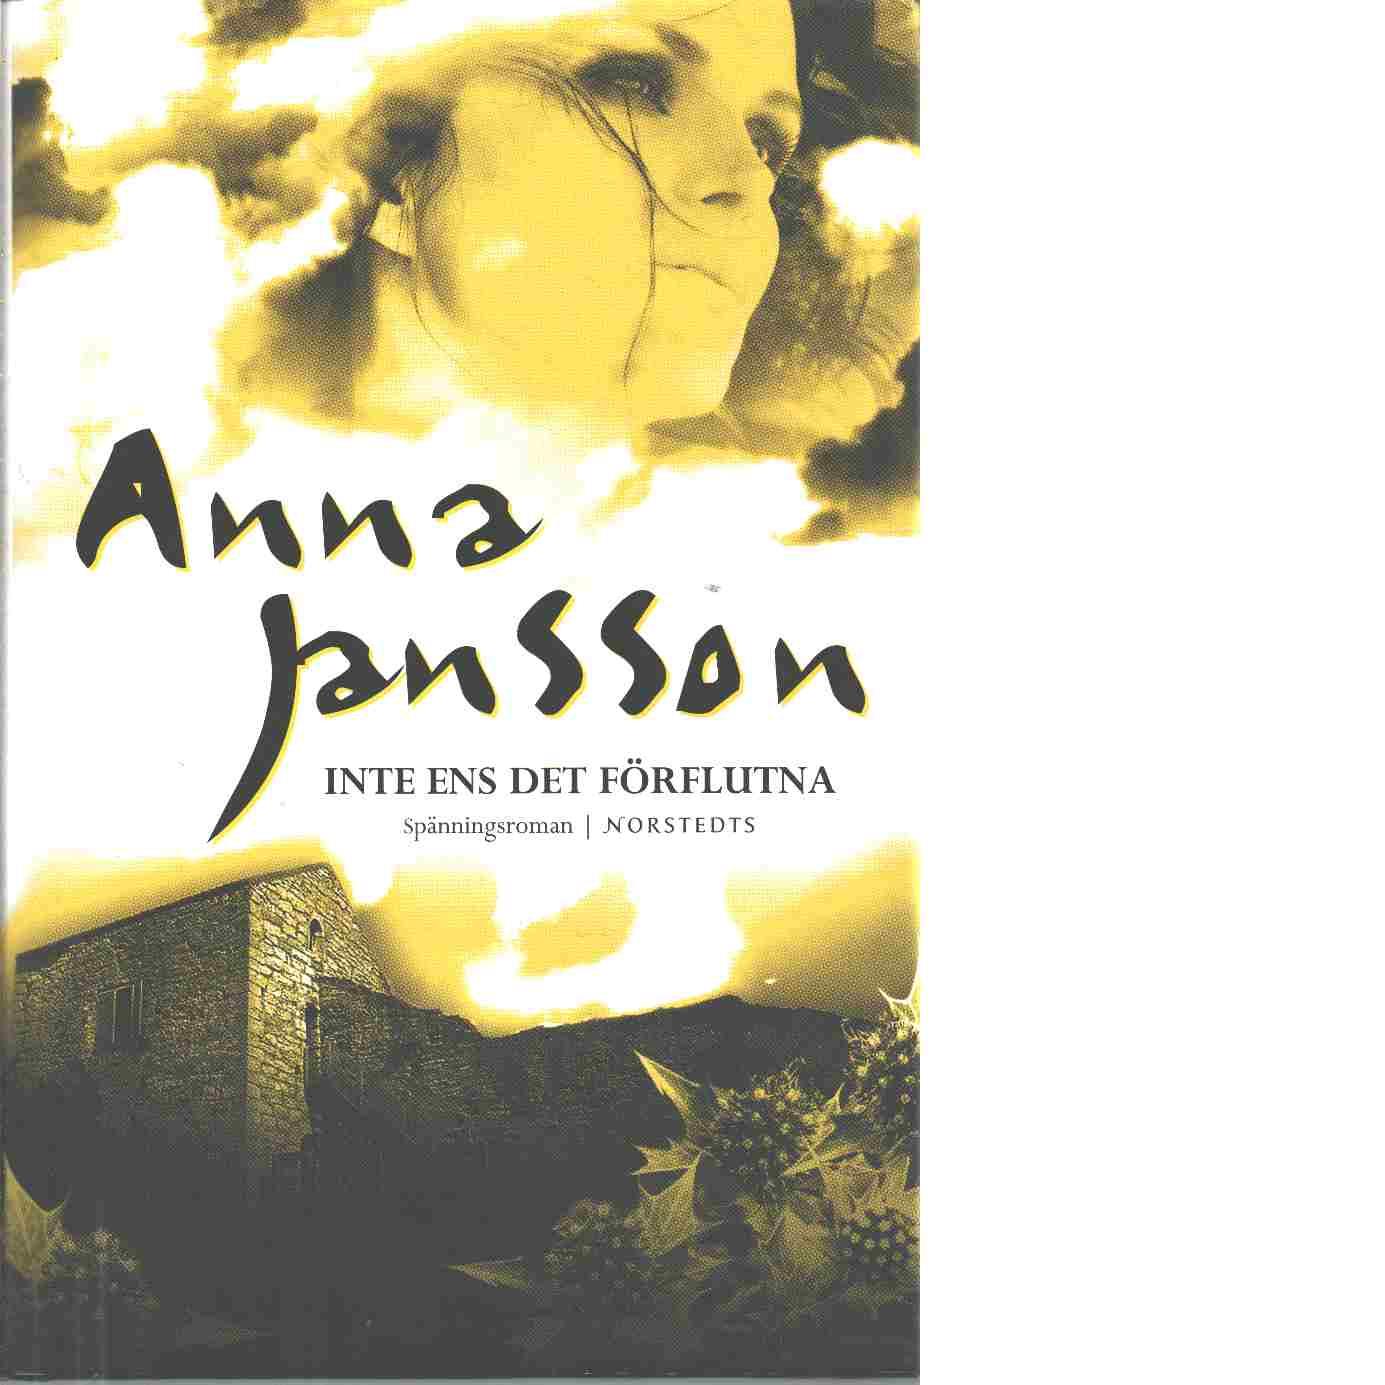 Inte ens det förflutna - Jansson, Anna